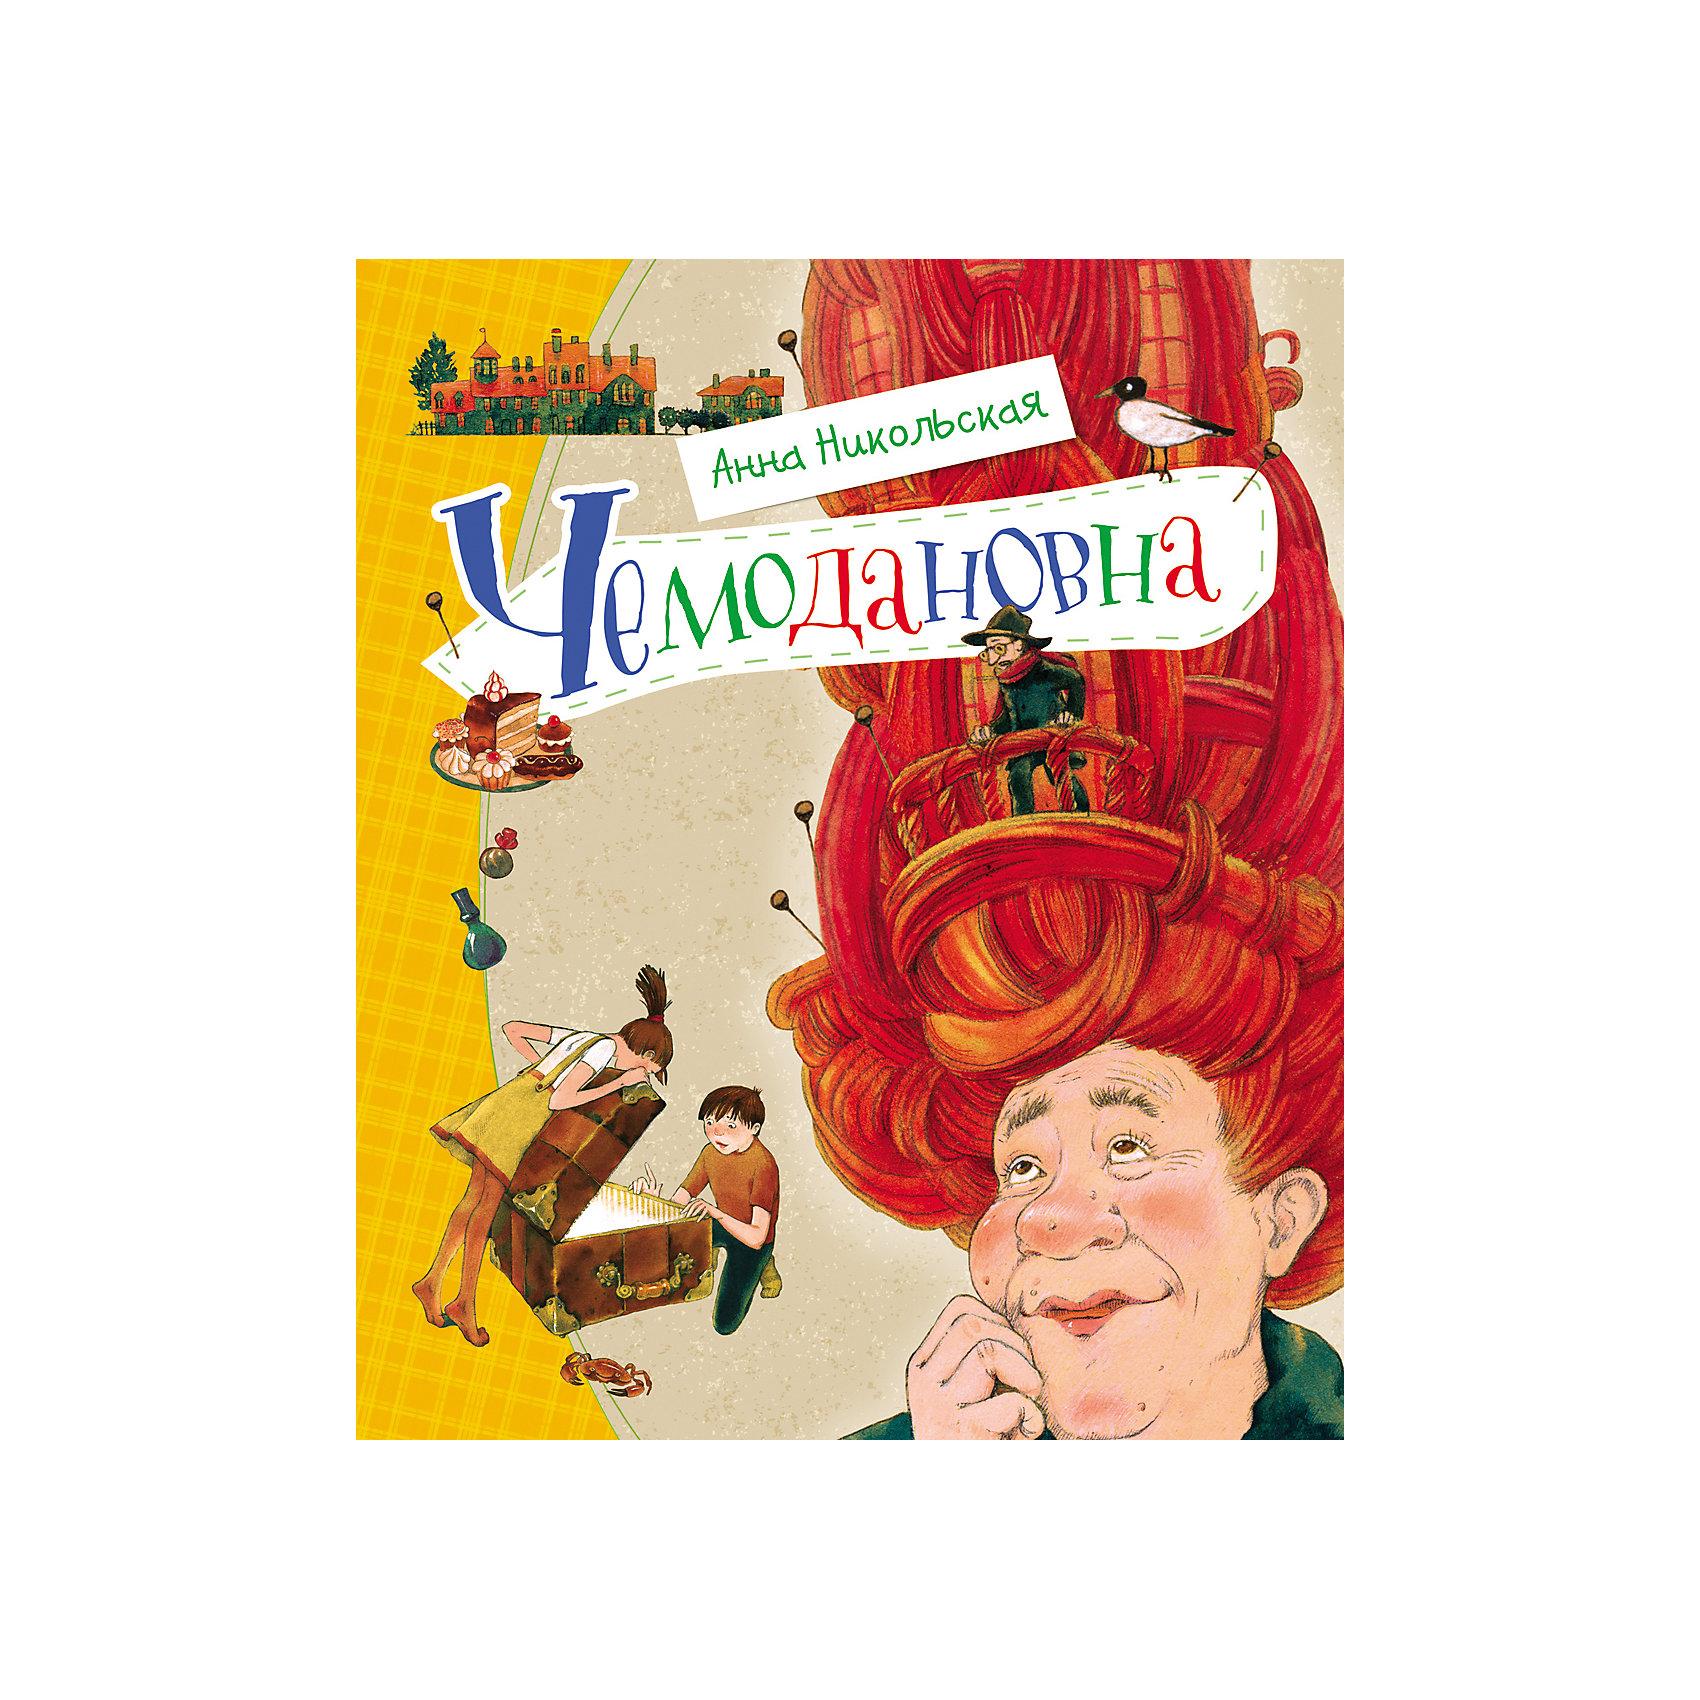 Чемодановна, А. НикольскаяРассказы и повести<br>Характеристики товара:<br><br>- цвет: разноцветный;<br>- материал: бумага;<br>- страниц: 96;<br>- формат: 24 х 20 см;<br>- обложка: твердая;<br>- иллюстрации.<br><br>Эта интересная книга с иллюстрациями станет отличным подарком для ребенка. Она содержит в себе сказку, которая полюбилась уже многим! Талантливый иллюстратор дополнил книгу качественными рисунками, которые помогают ребенку проникнуться духом сказки.<br>Чтение - отличный способ активизации мышления, оно помогает ребенку развивать зрительную память, концентрацию внимания и воображение. Издание произведено из качественных материалов, которые безопасны даже для самых маленьких.<br><br>Книгу Чемодановна, А. Никольская от компании Росмэн можно купить в нашем интернет-магазине.<br><br>Ширина мм: 242<br>Глубина мм: 205<br>Высота мм: 10<br>Вес г: 396<br>Возраст от месяцев: 60<br>Возраст до месяцев: 84<br>Пол: Унисекс<br>Возраст: Детский<br>SKU: 5109914